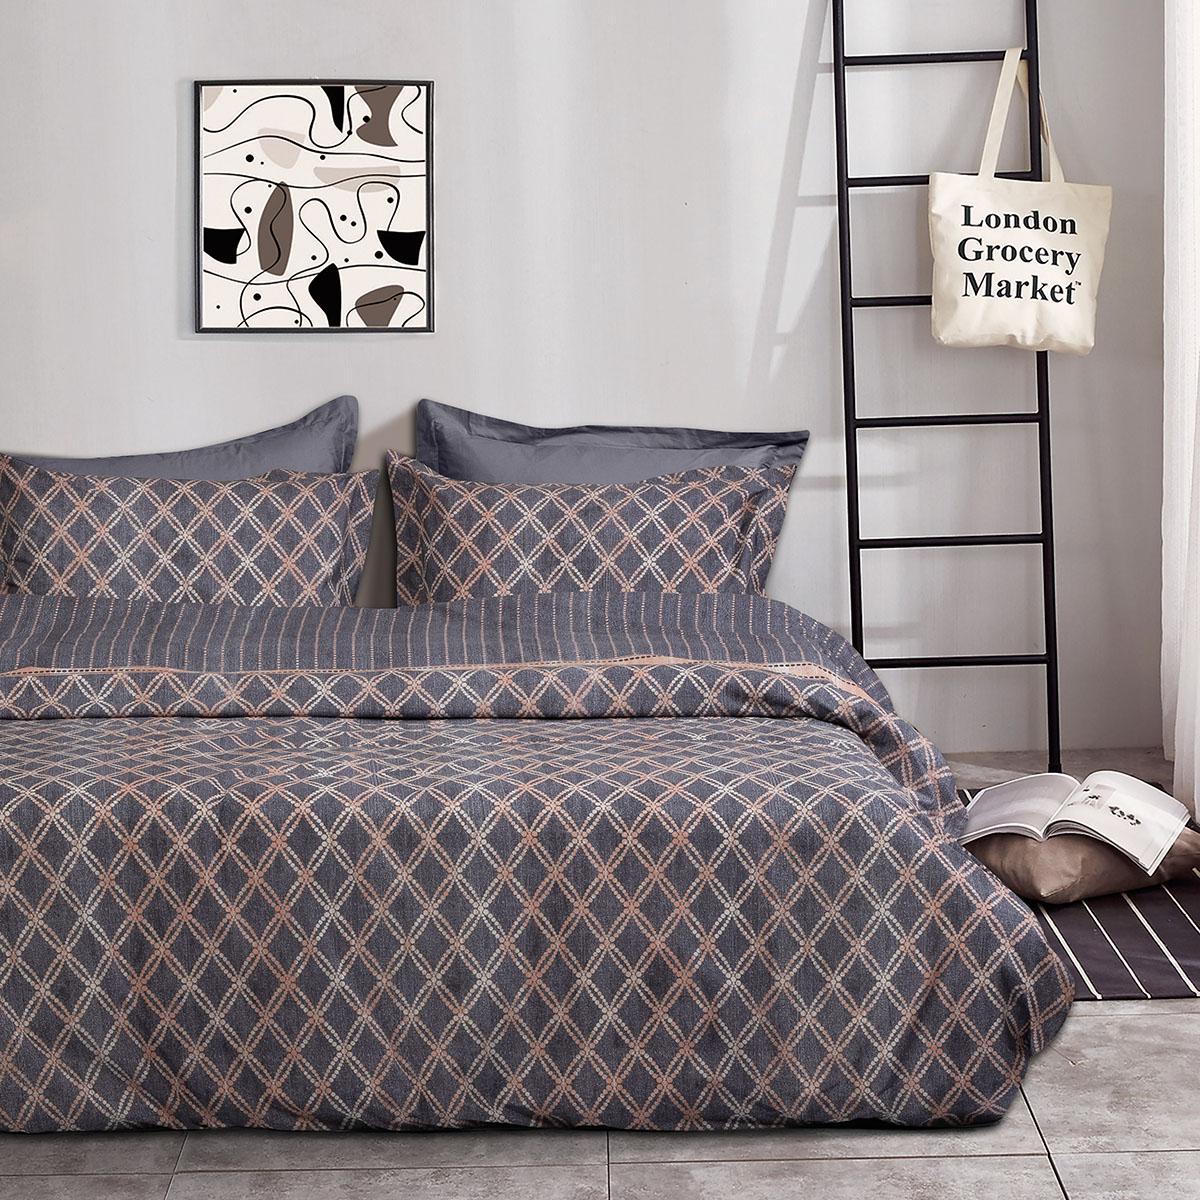 Σετ παπλωματοθήκη υπέρδιπλη Atalanta Art 1971 225×240 Γκρι,Μπεζ